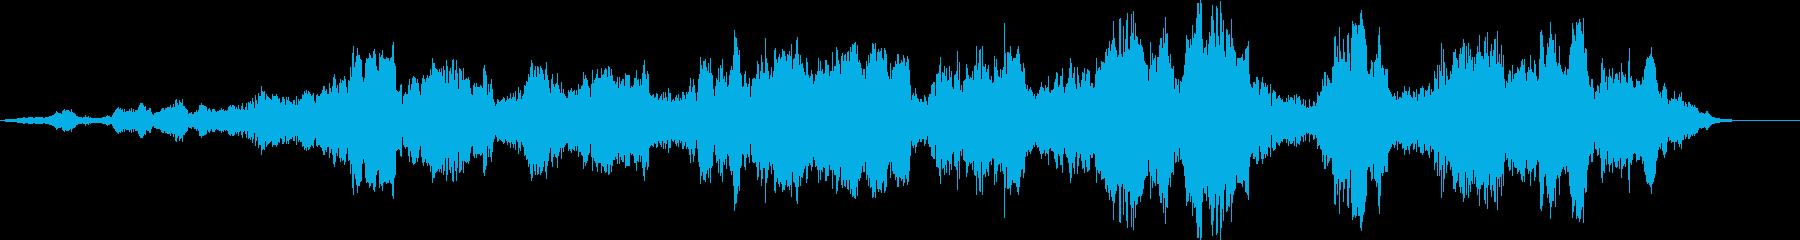 逆回転ざわめきの再生済みの波形